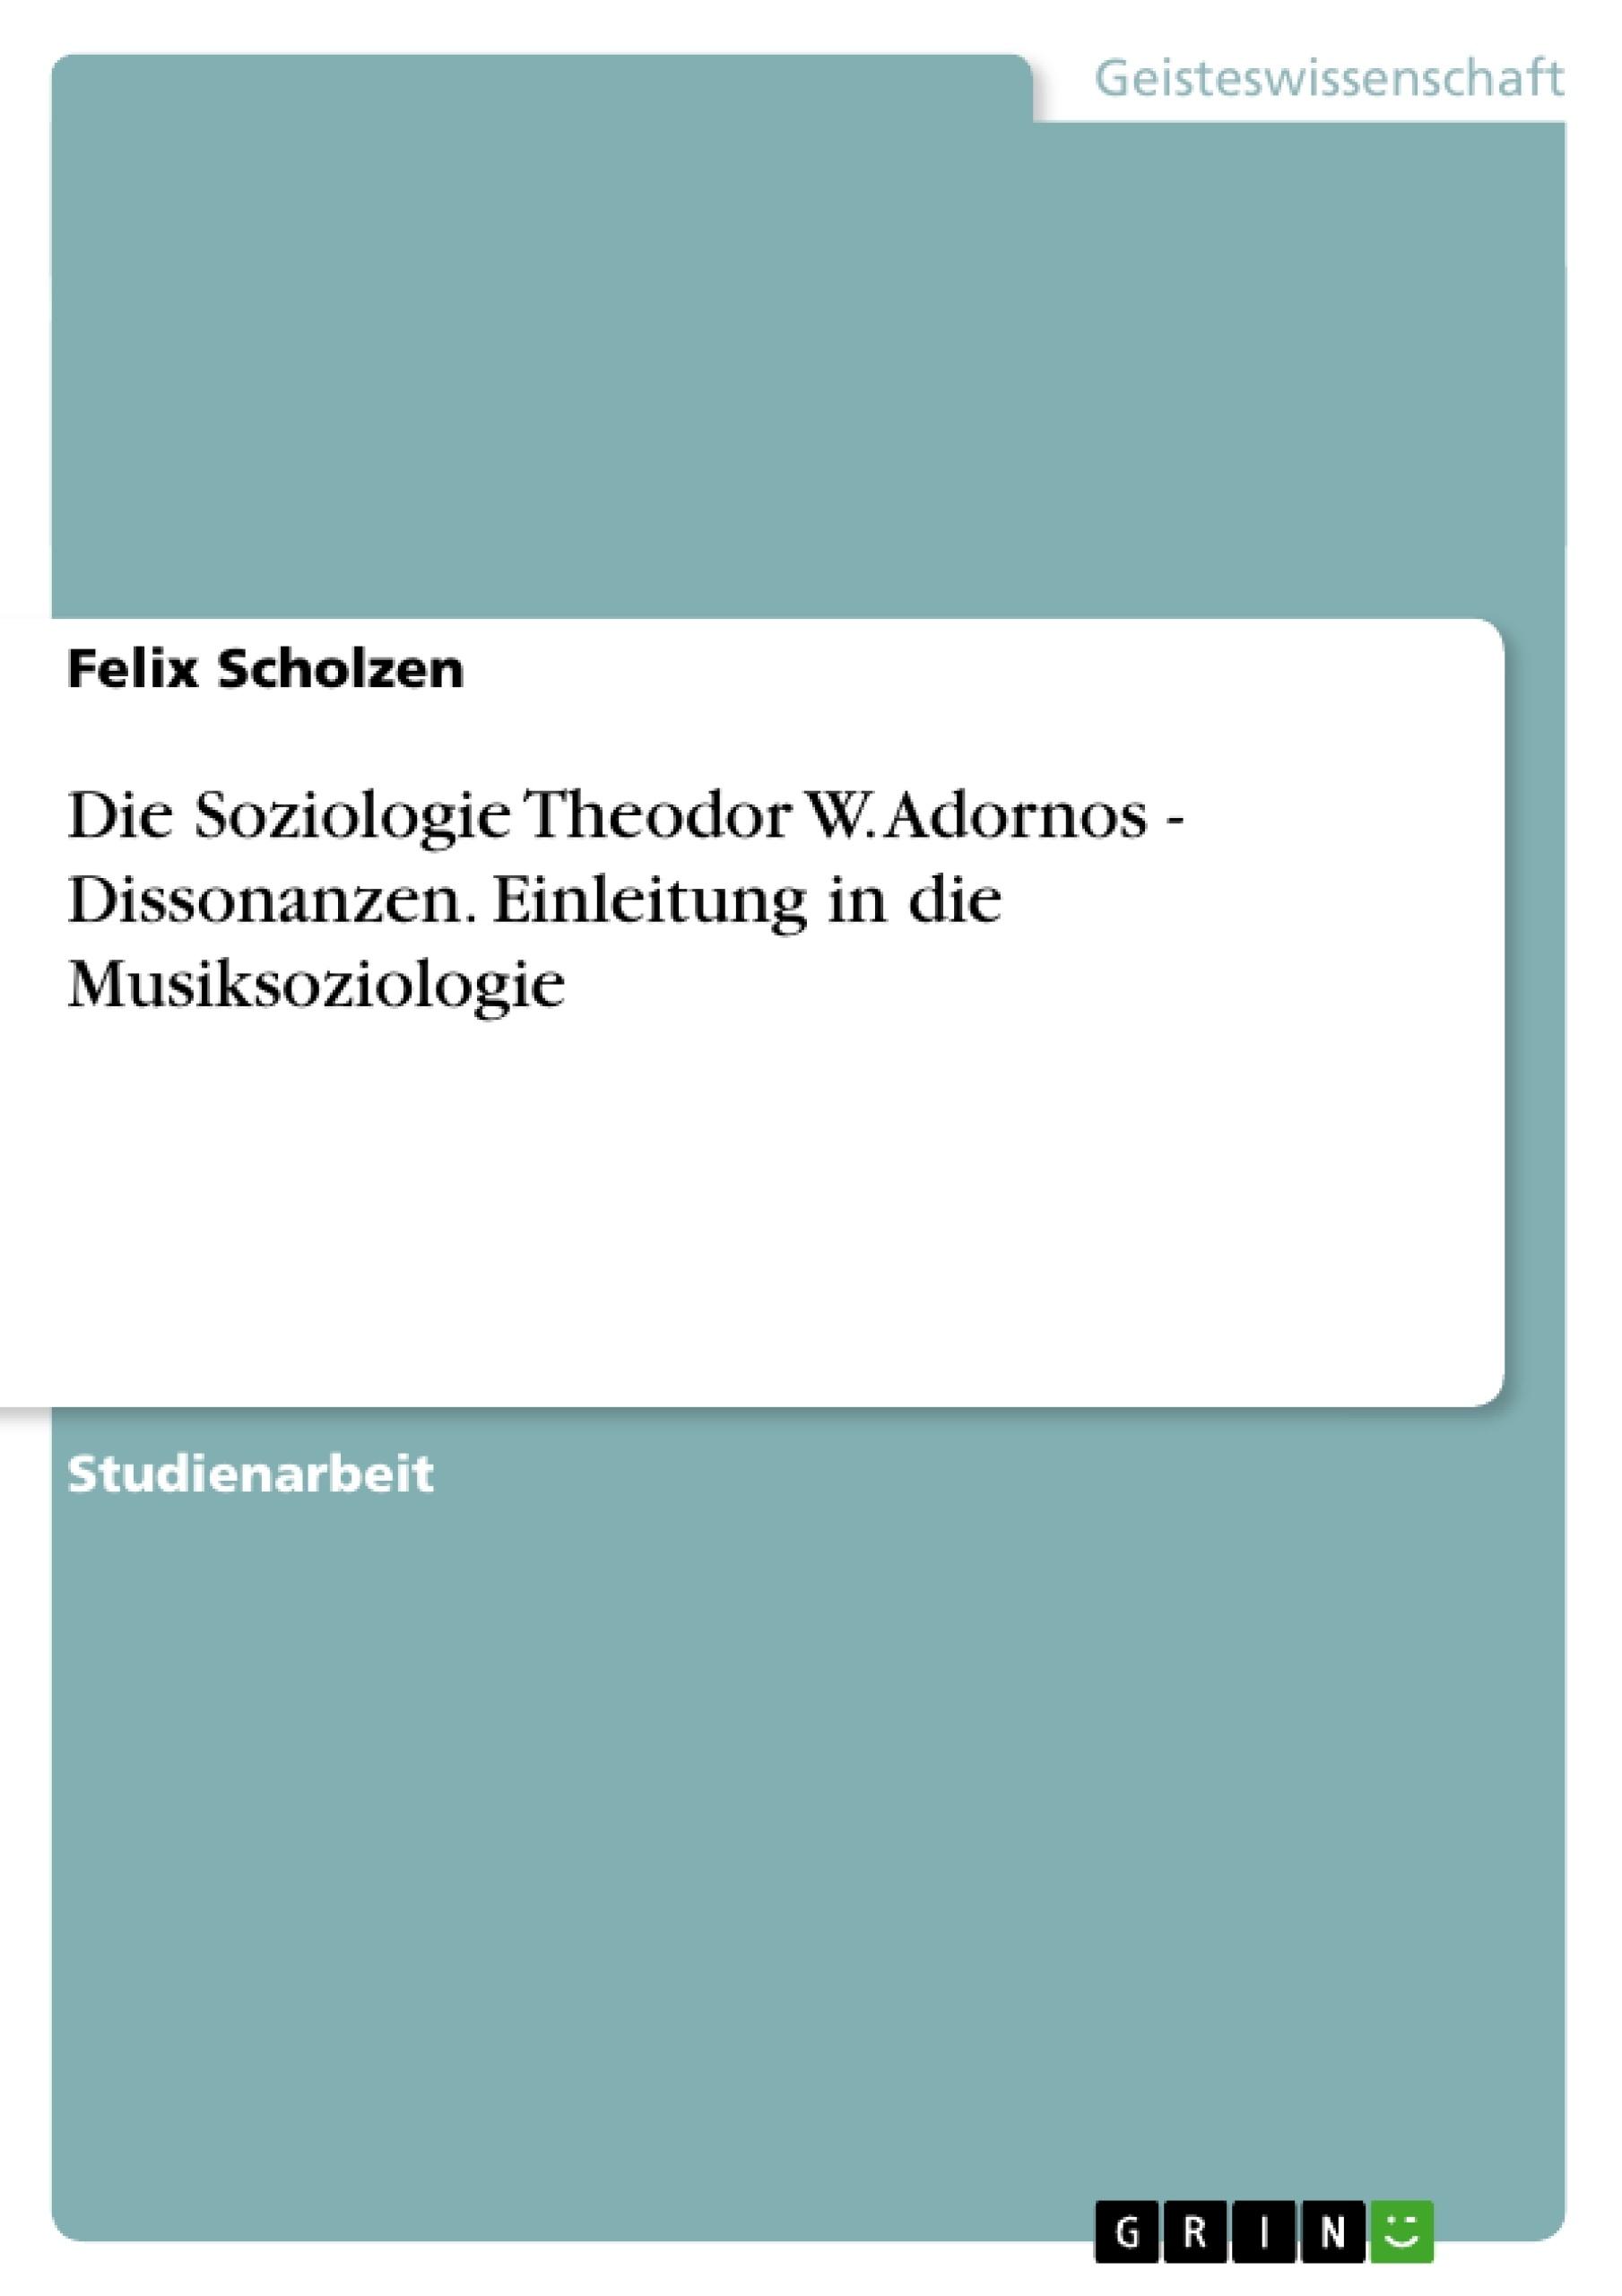 Titel: Die Soziologie Theodor W. Adornos - Dissonanzen. Einleitung in die Musiksoziologie